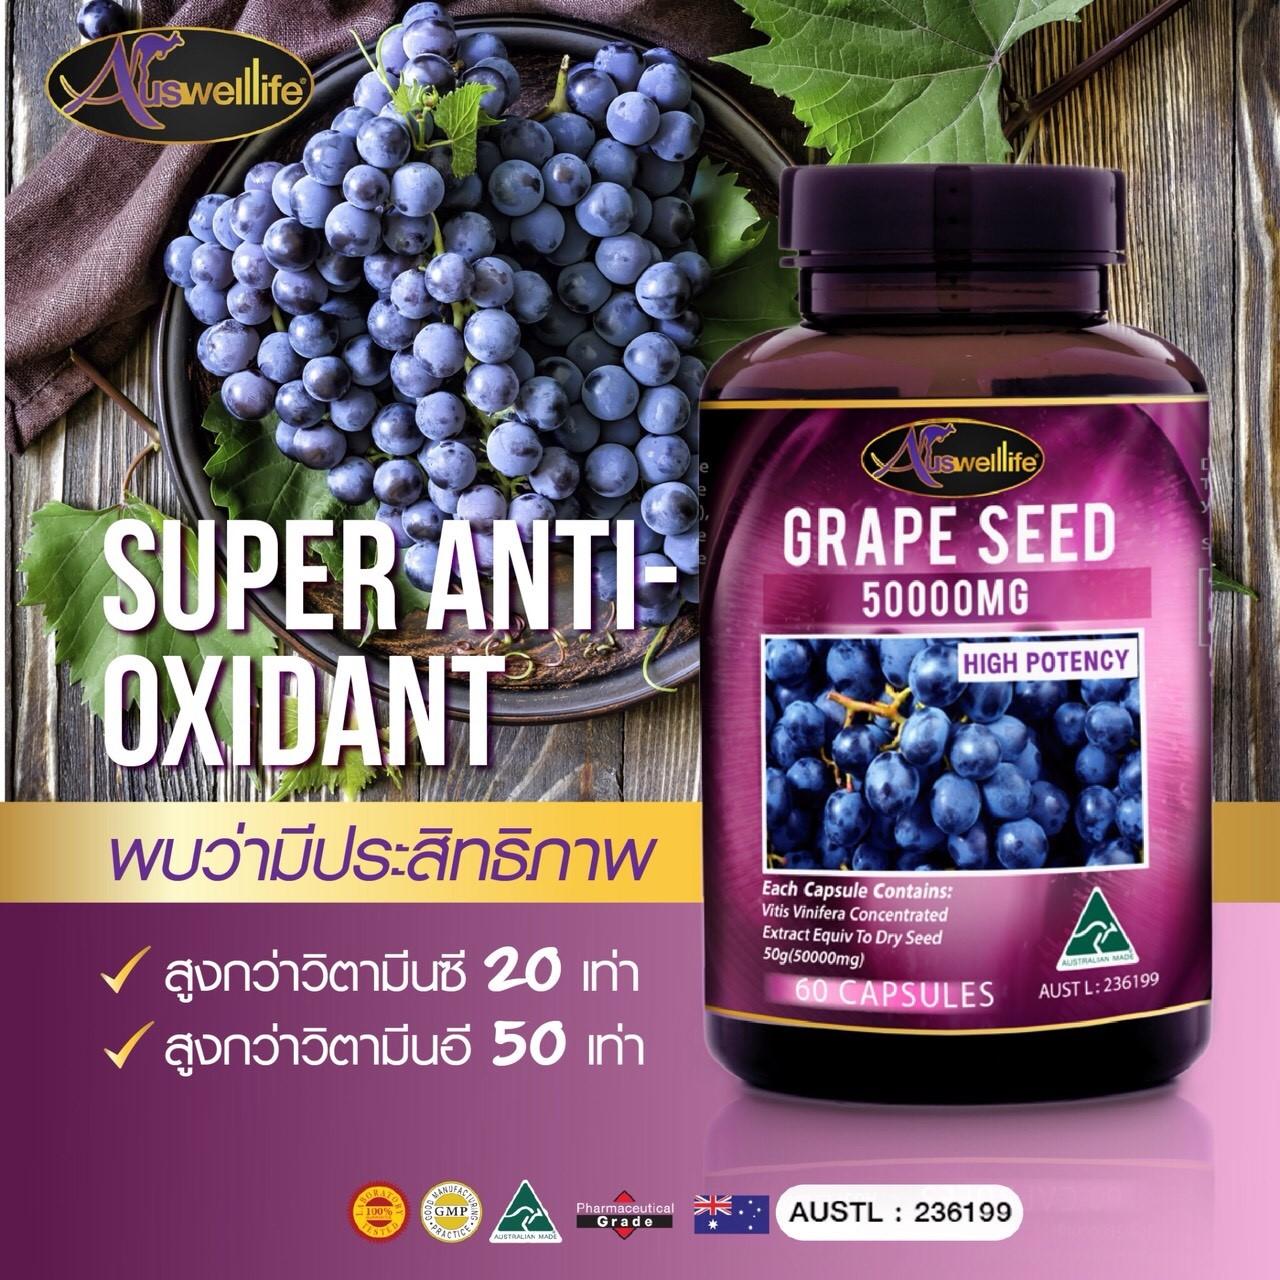 Grape Seed Auswelllife สารสกัดเมล็ดองุ่น